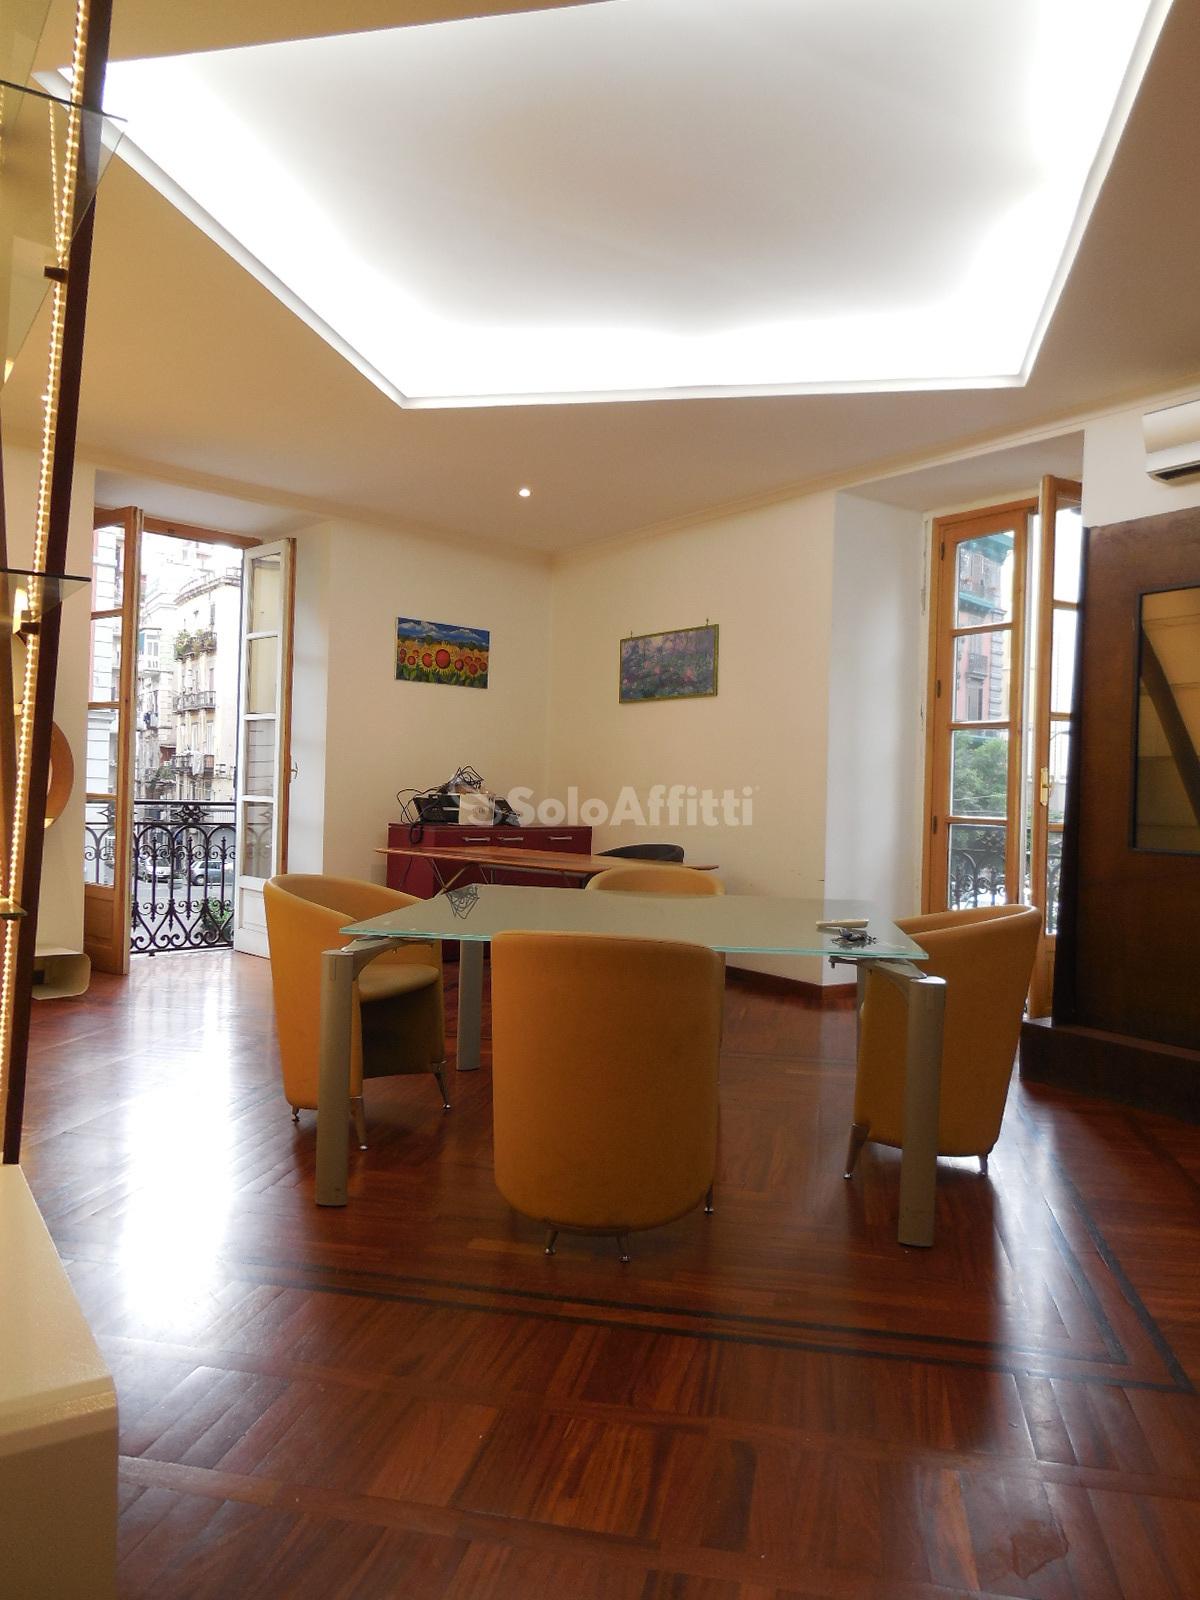 Immobili in affitto napoli san giuseppe case uffici e for Ufficio arredato